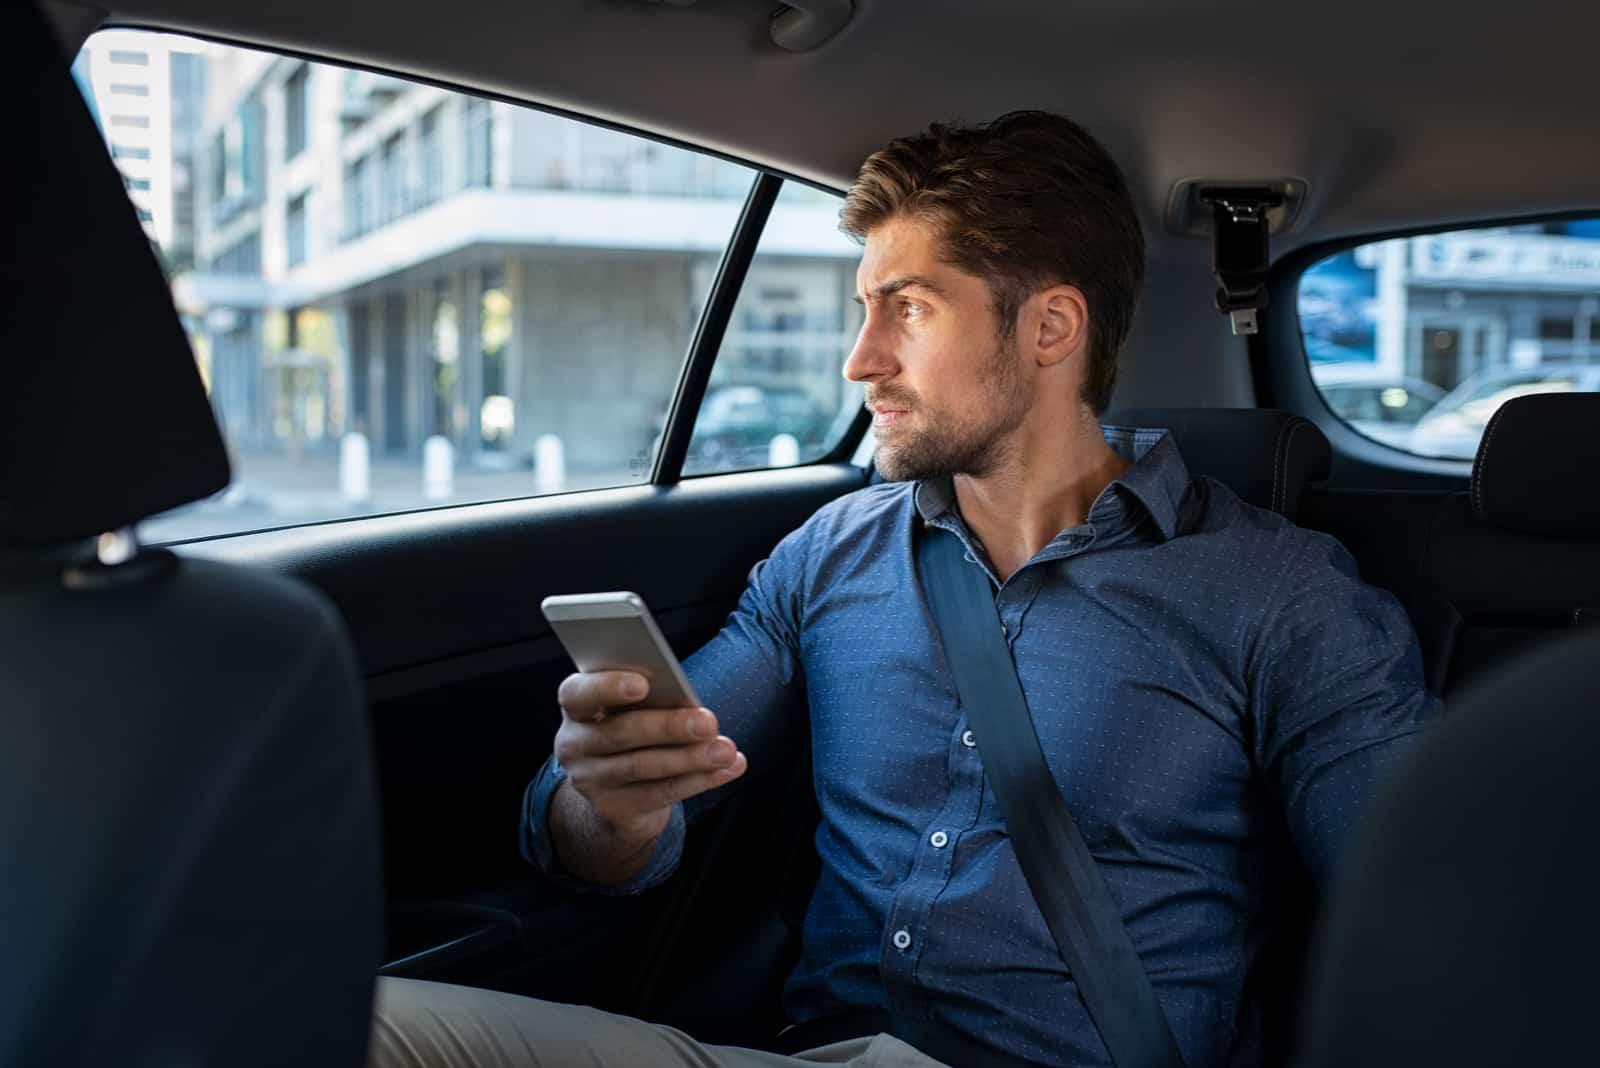 un homme imaginaire monte dans une voiture et des boutons sur le téléphone